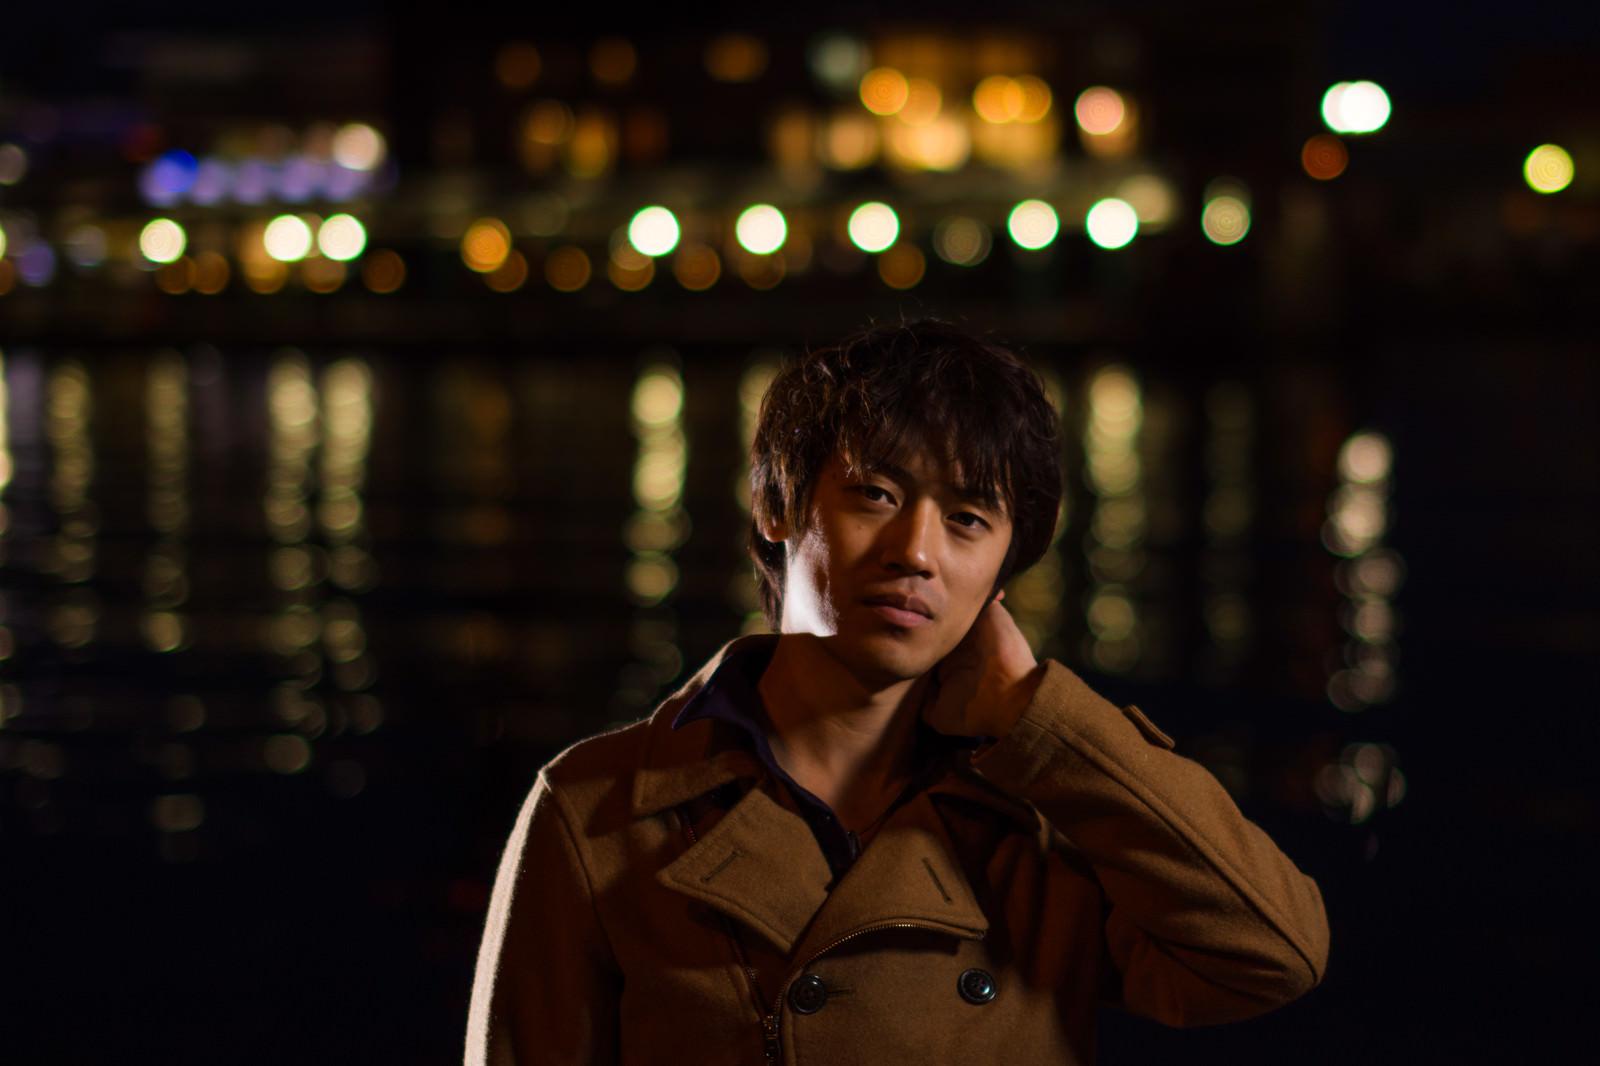 「夜景と首を痛めた男子夜景と首を痛めた男子」[モデル:Tsuyoshi.]のフリー写真素材を拡大